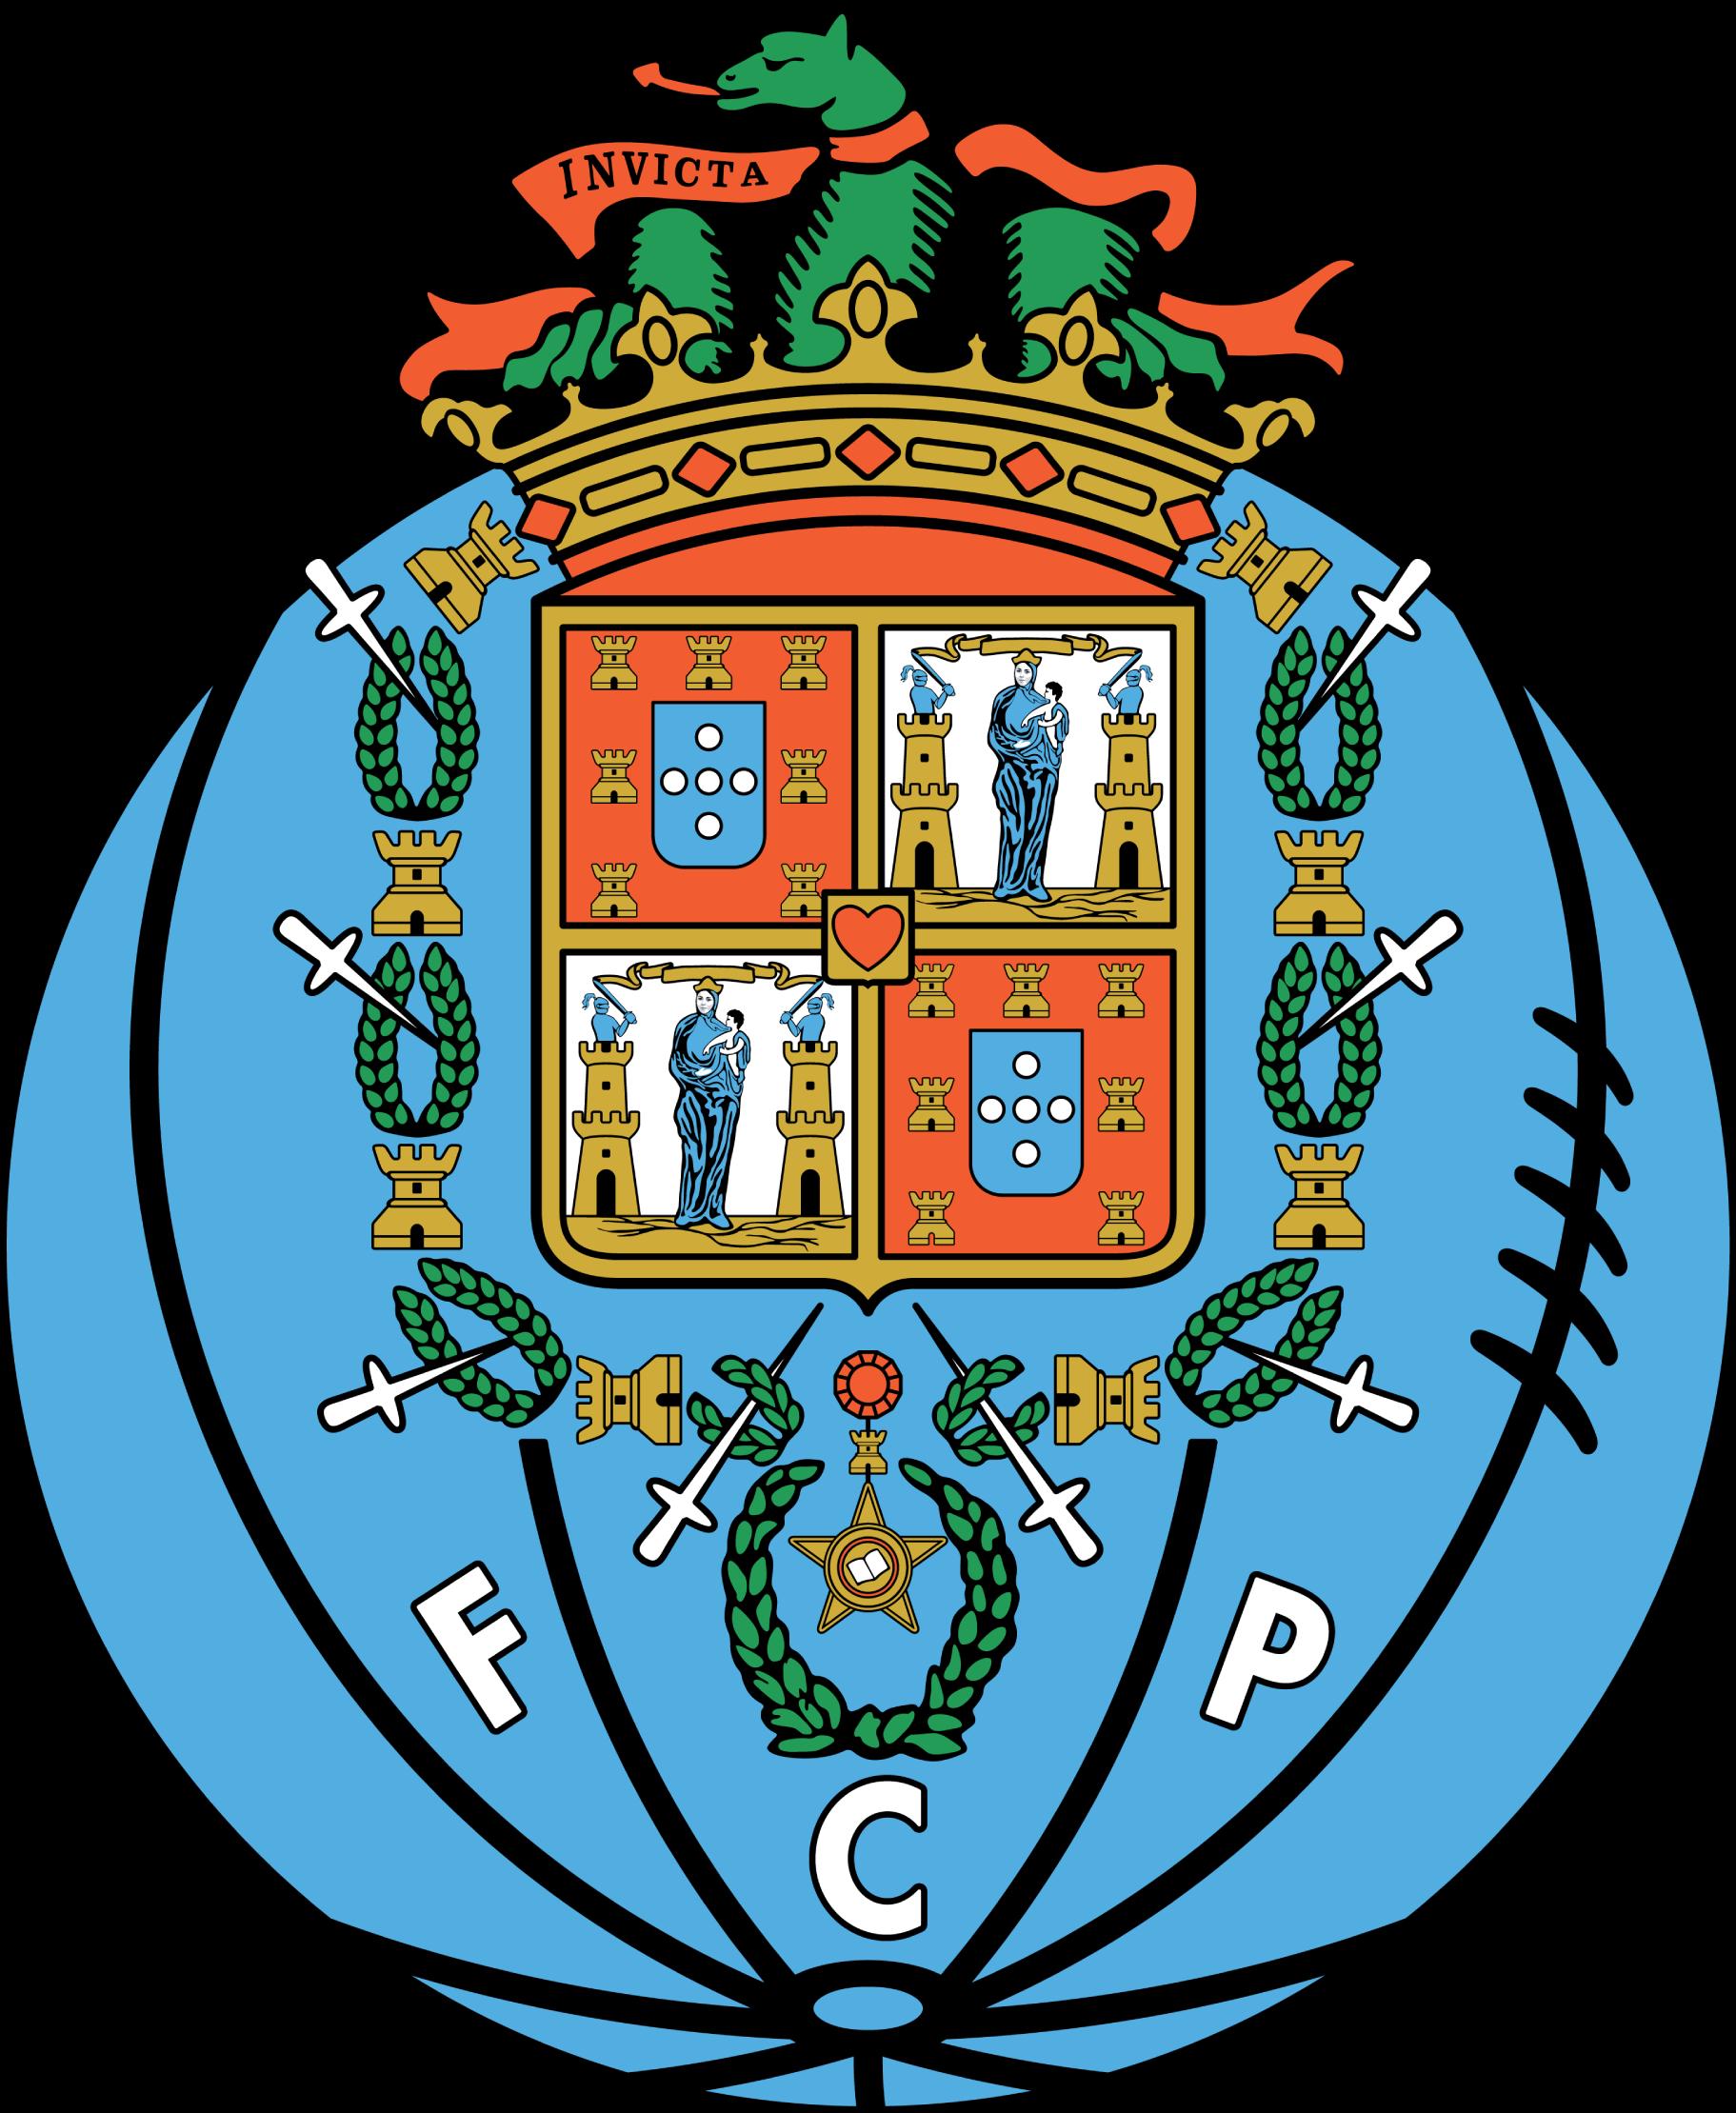 Porto Fc Png - Porto Alegre Futebol Clube - Wikipédia, a enciclopédia livre - Fc porto png ...